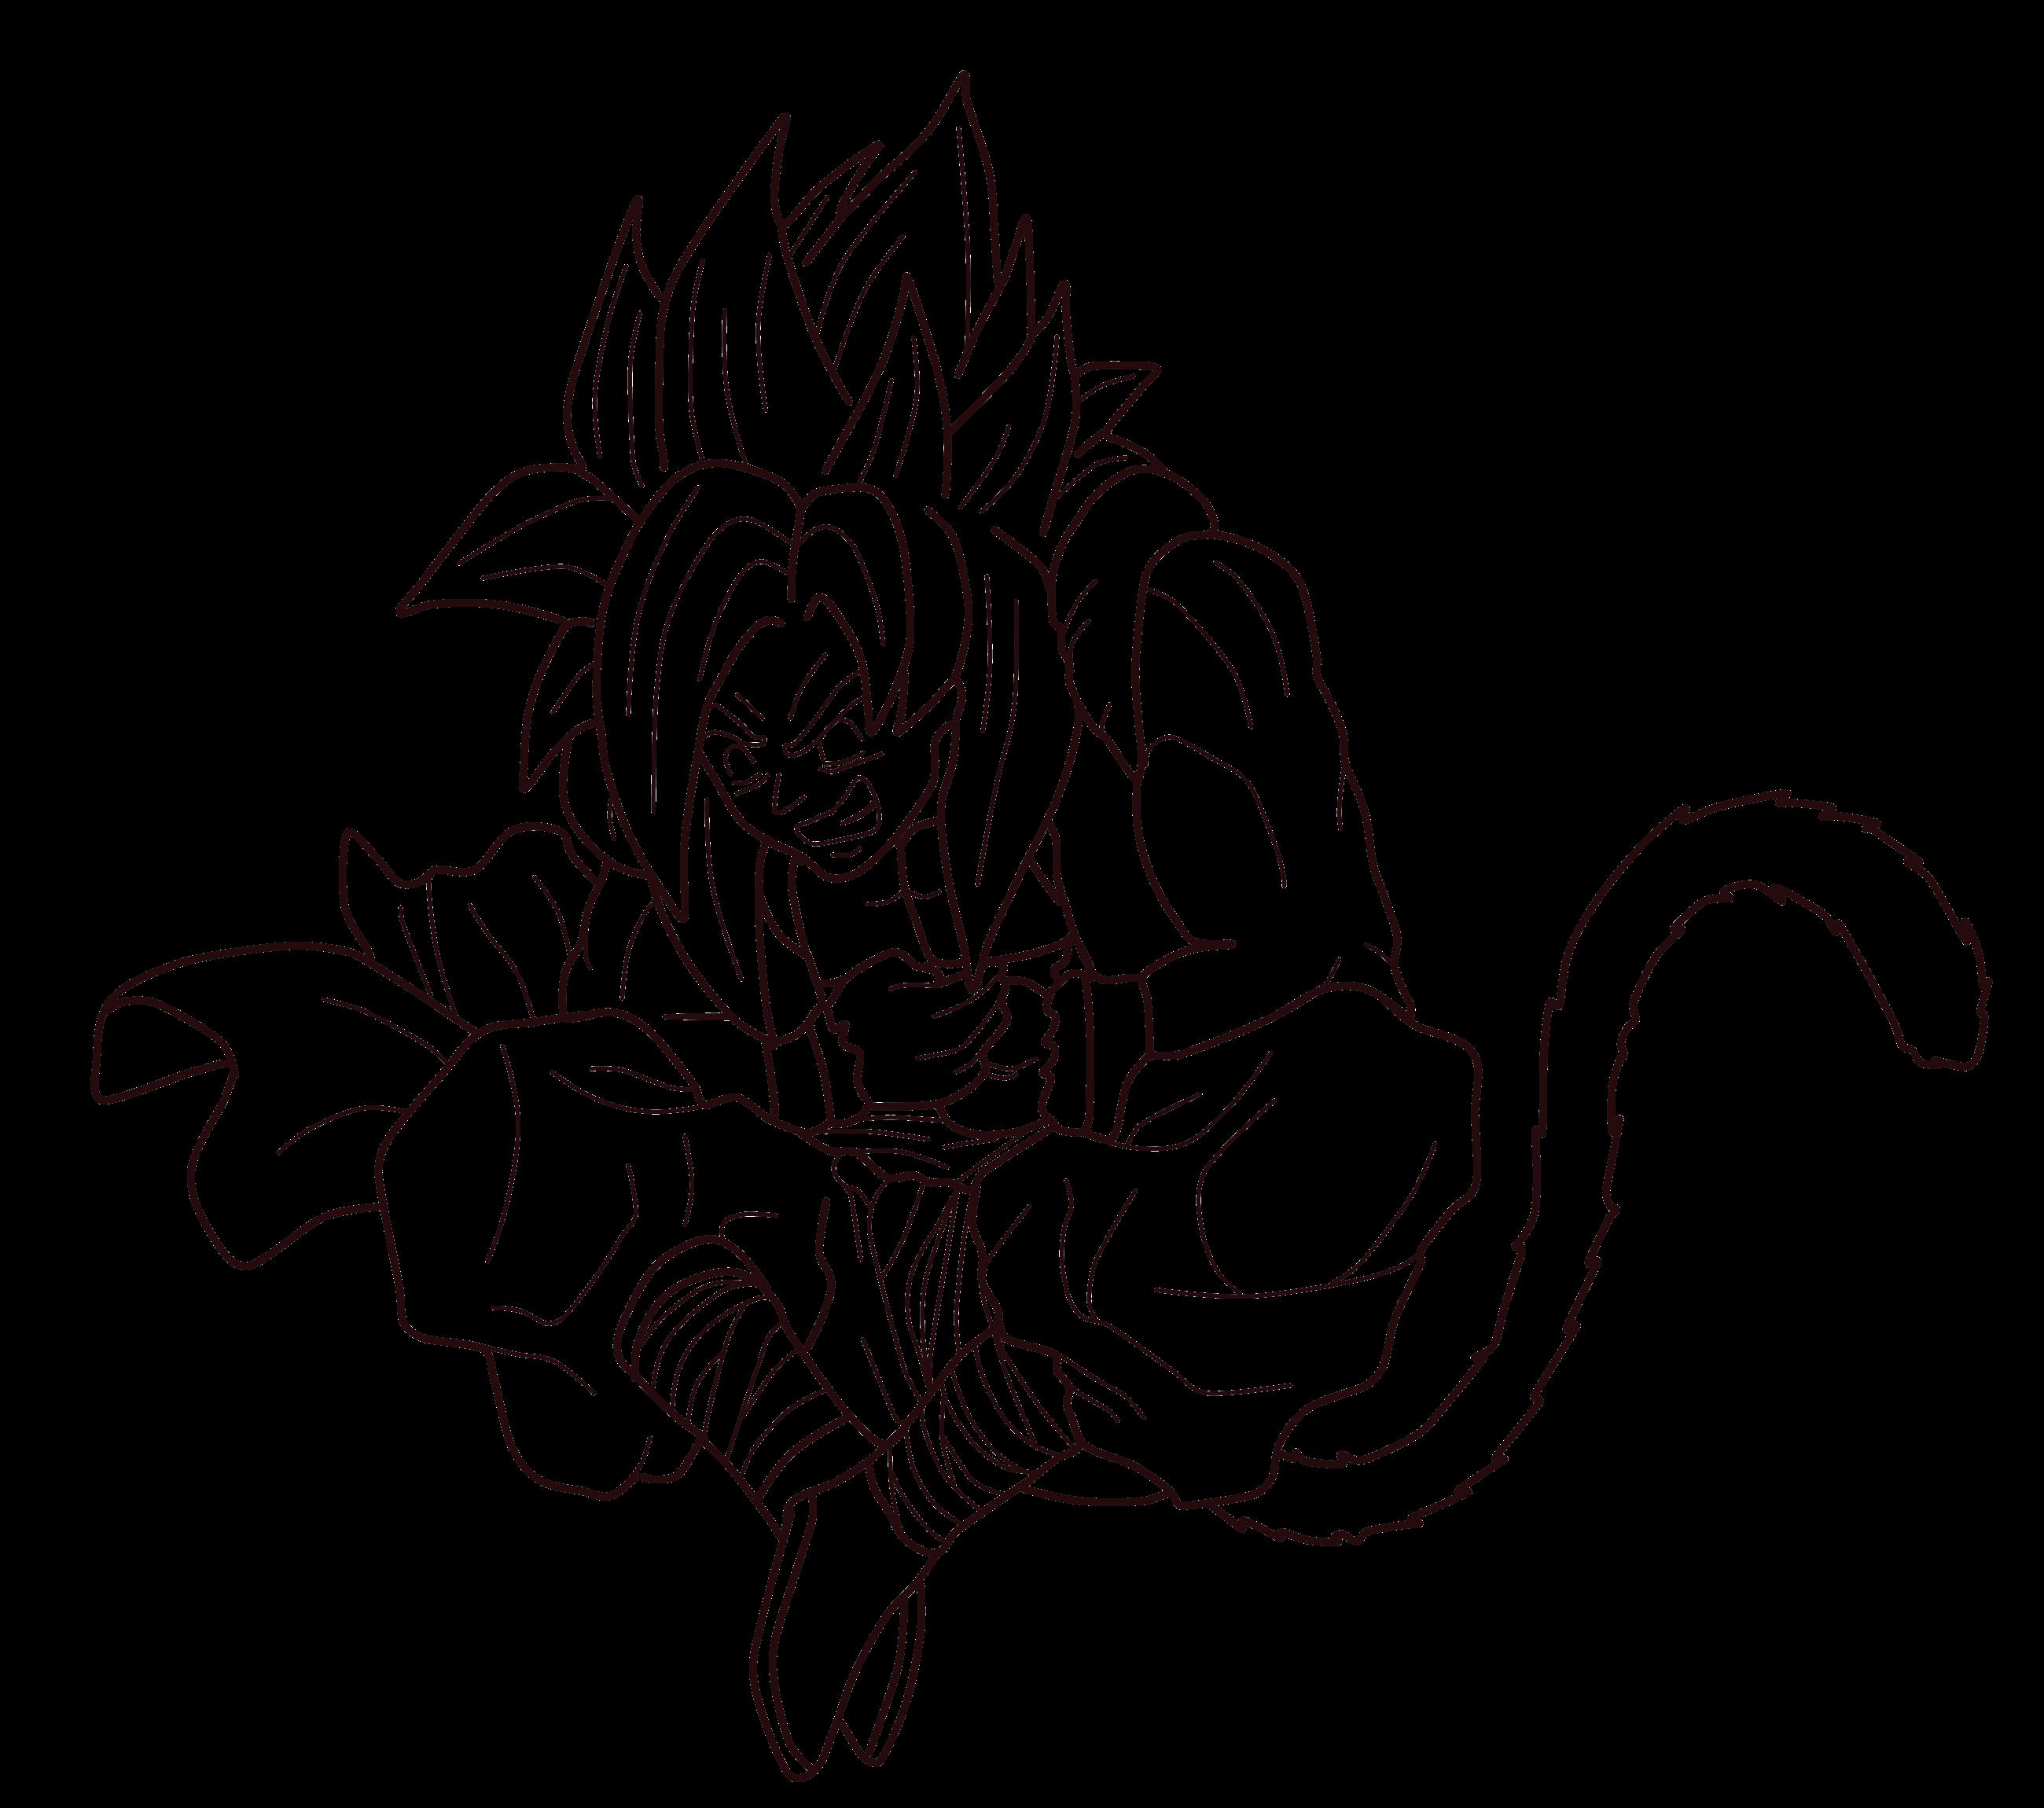 Ssj4 Gogeta Lineart 01 By Zed Creations On Deviantart